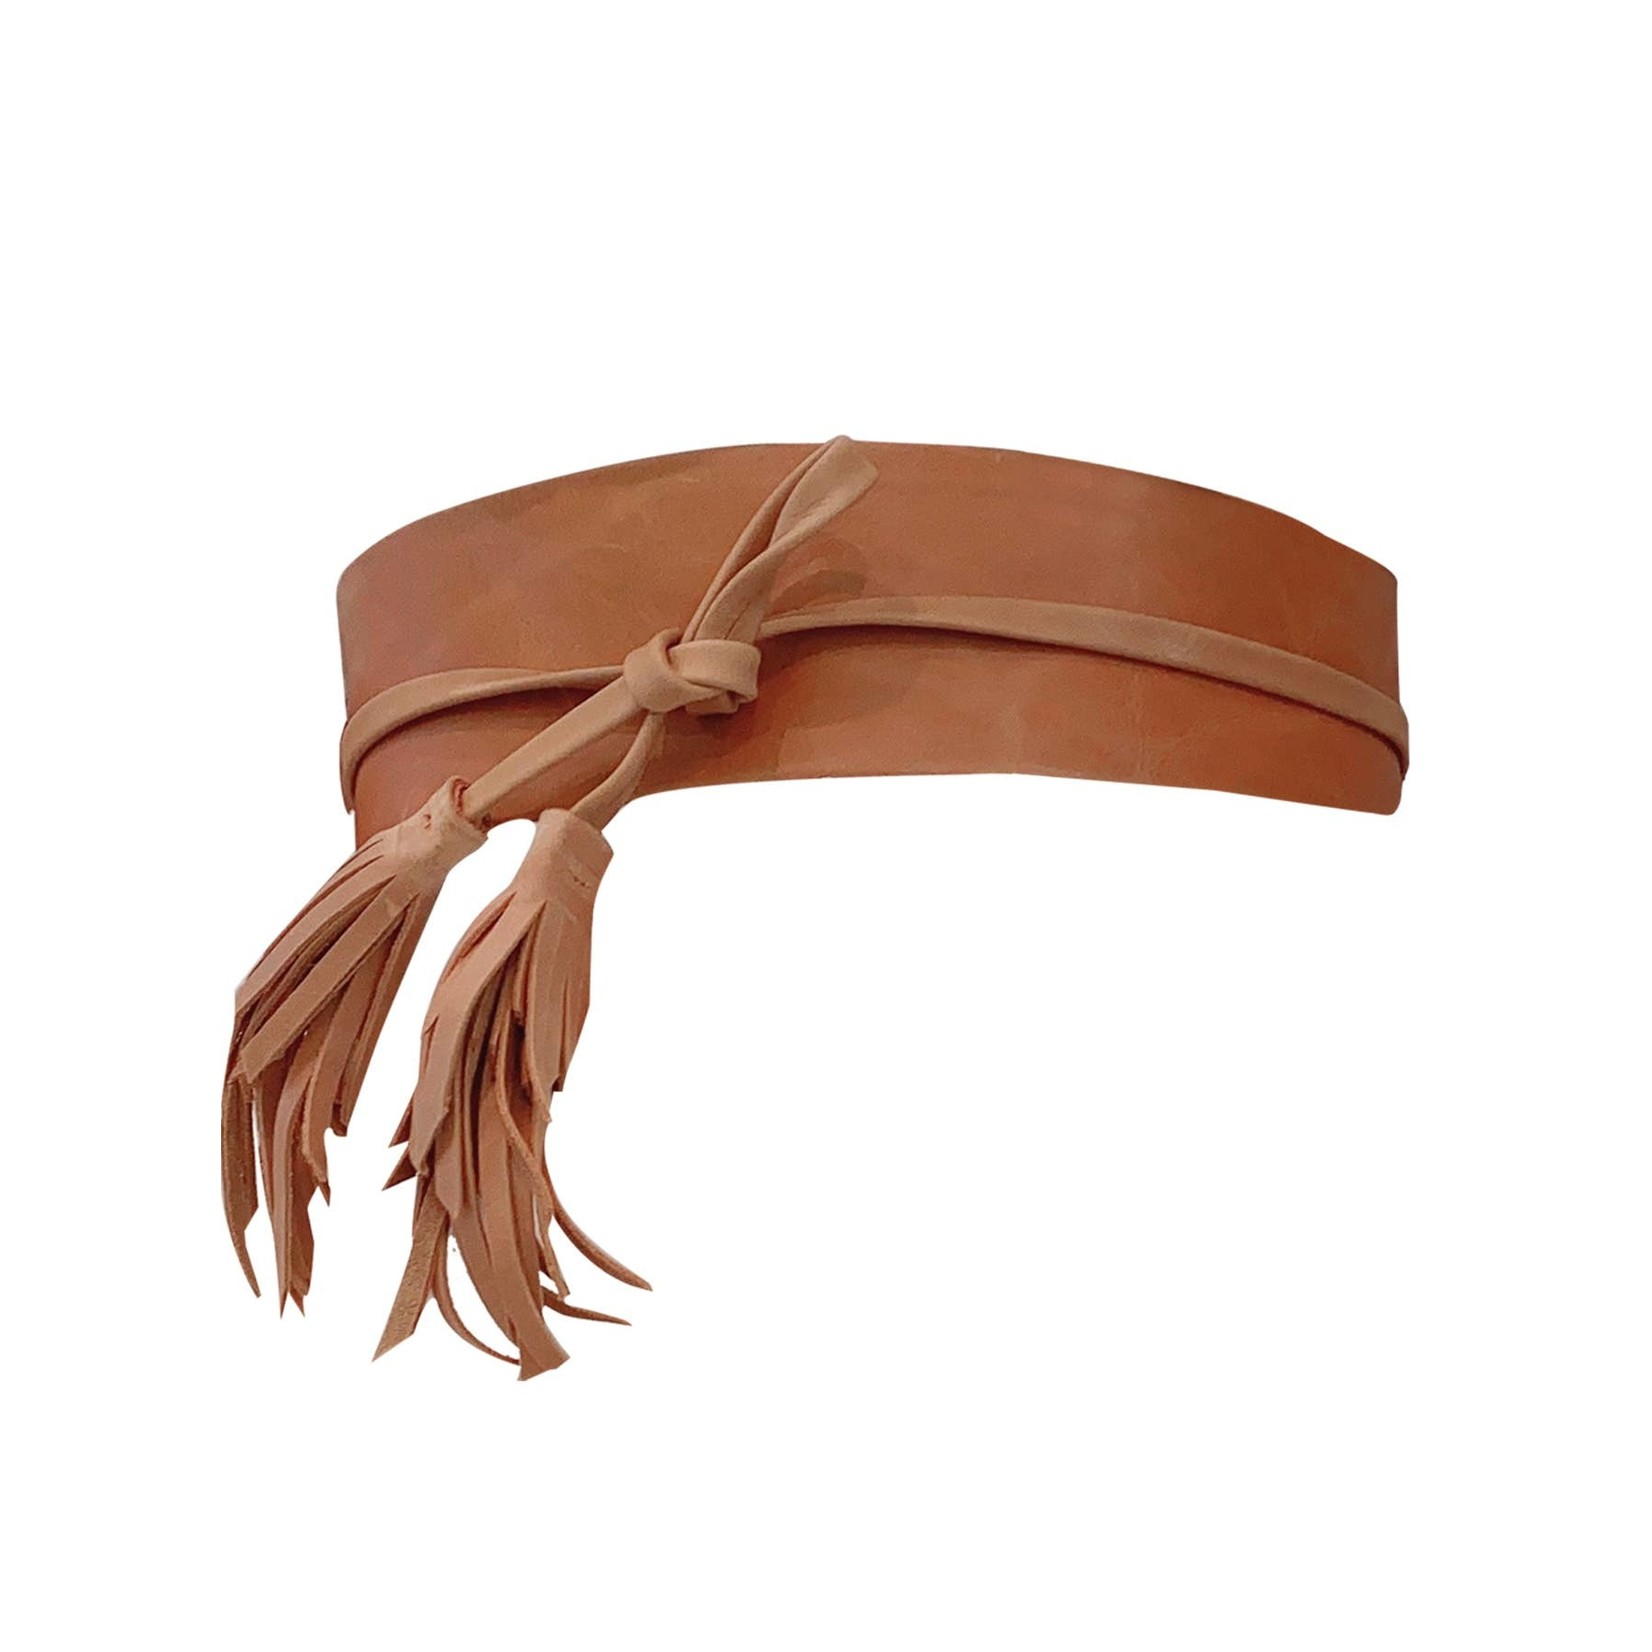 ADA Tilly Leather Wrap Belt in Tan